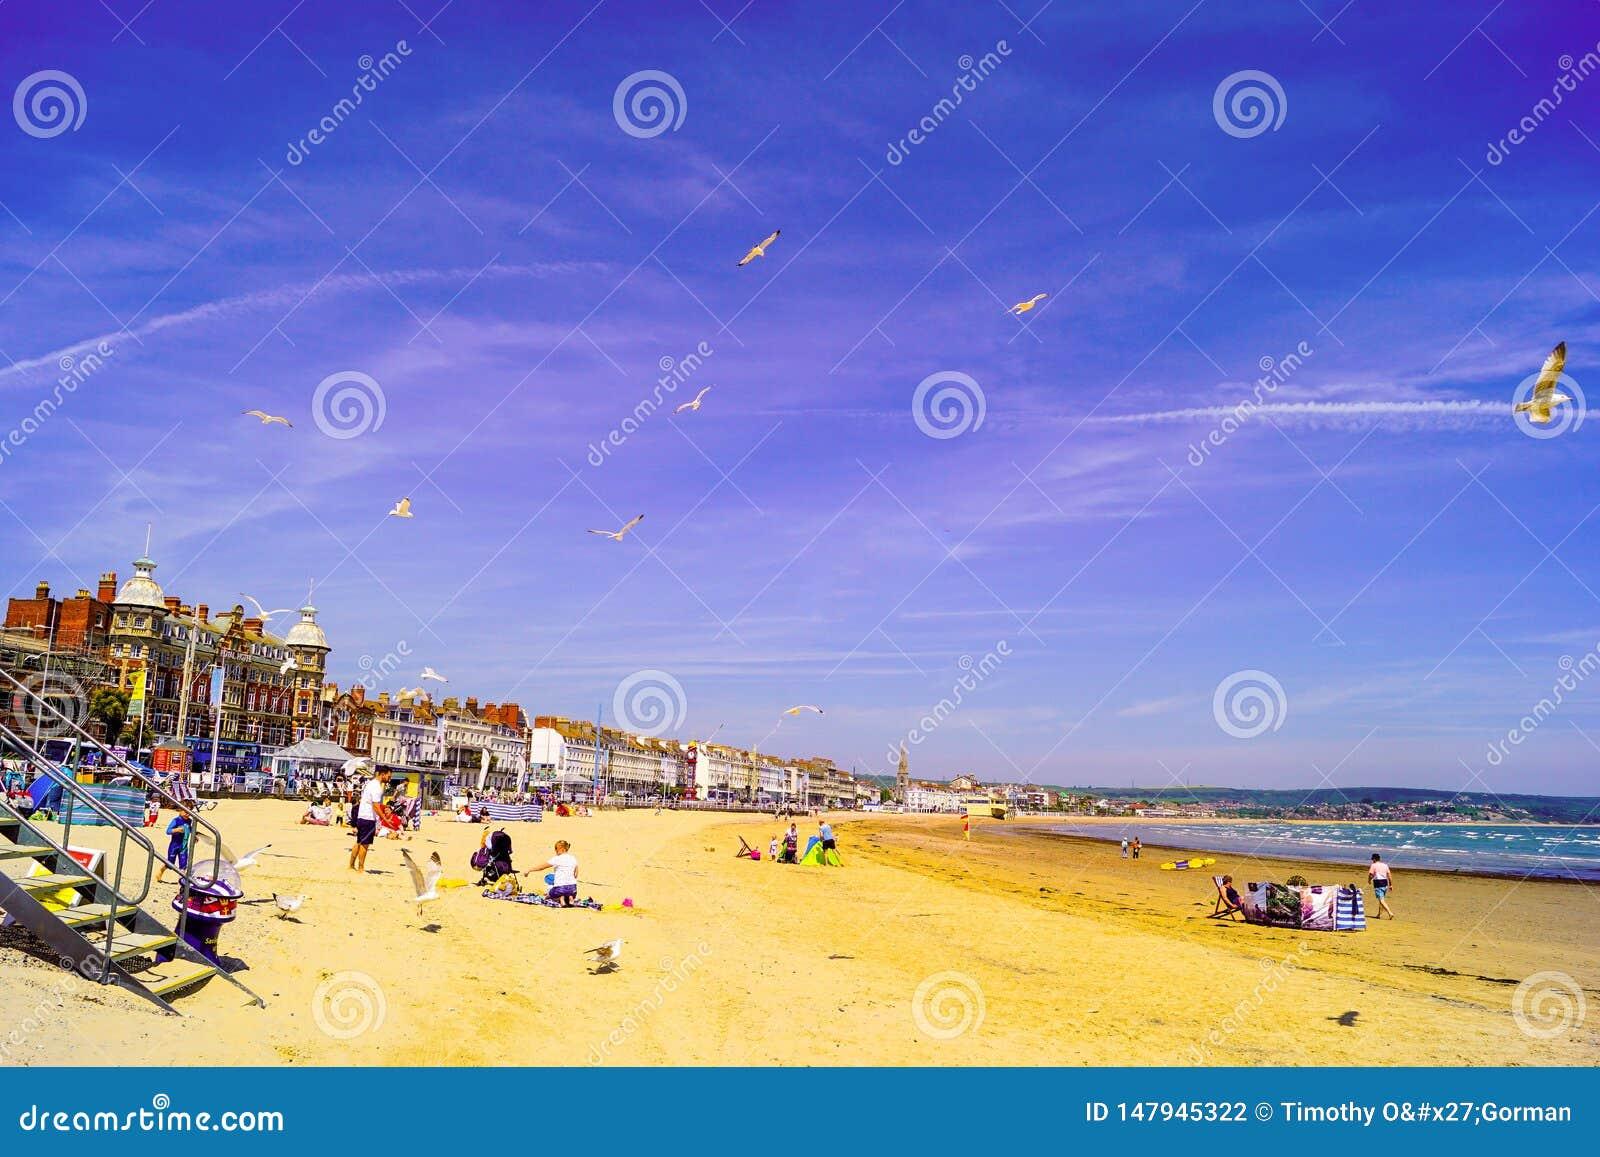 Spiaggia di Weymouth occupata con le famiglie che godono della loro festa